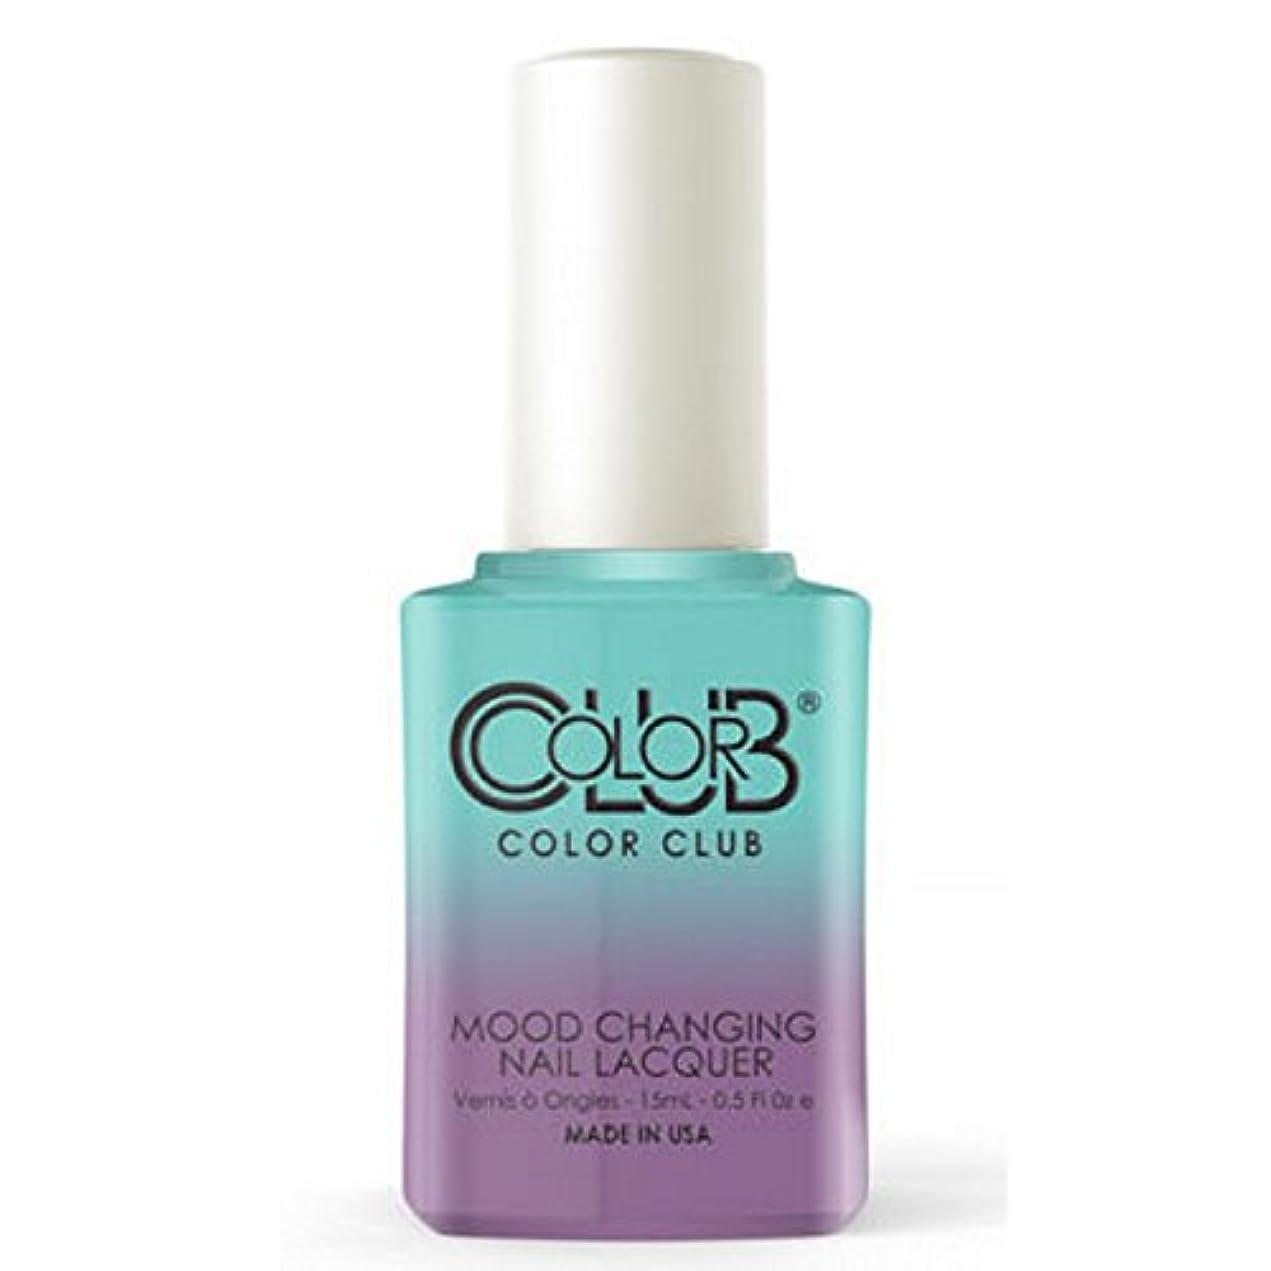 サーキットに行く縁石ぼかすColor Club Mood Changing Nail Lacquer - Serene Green - 15 mL / 0.5 fl oz